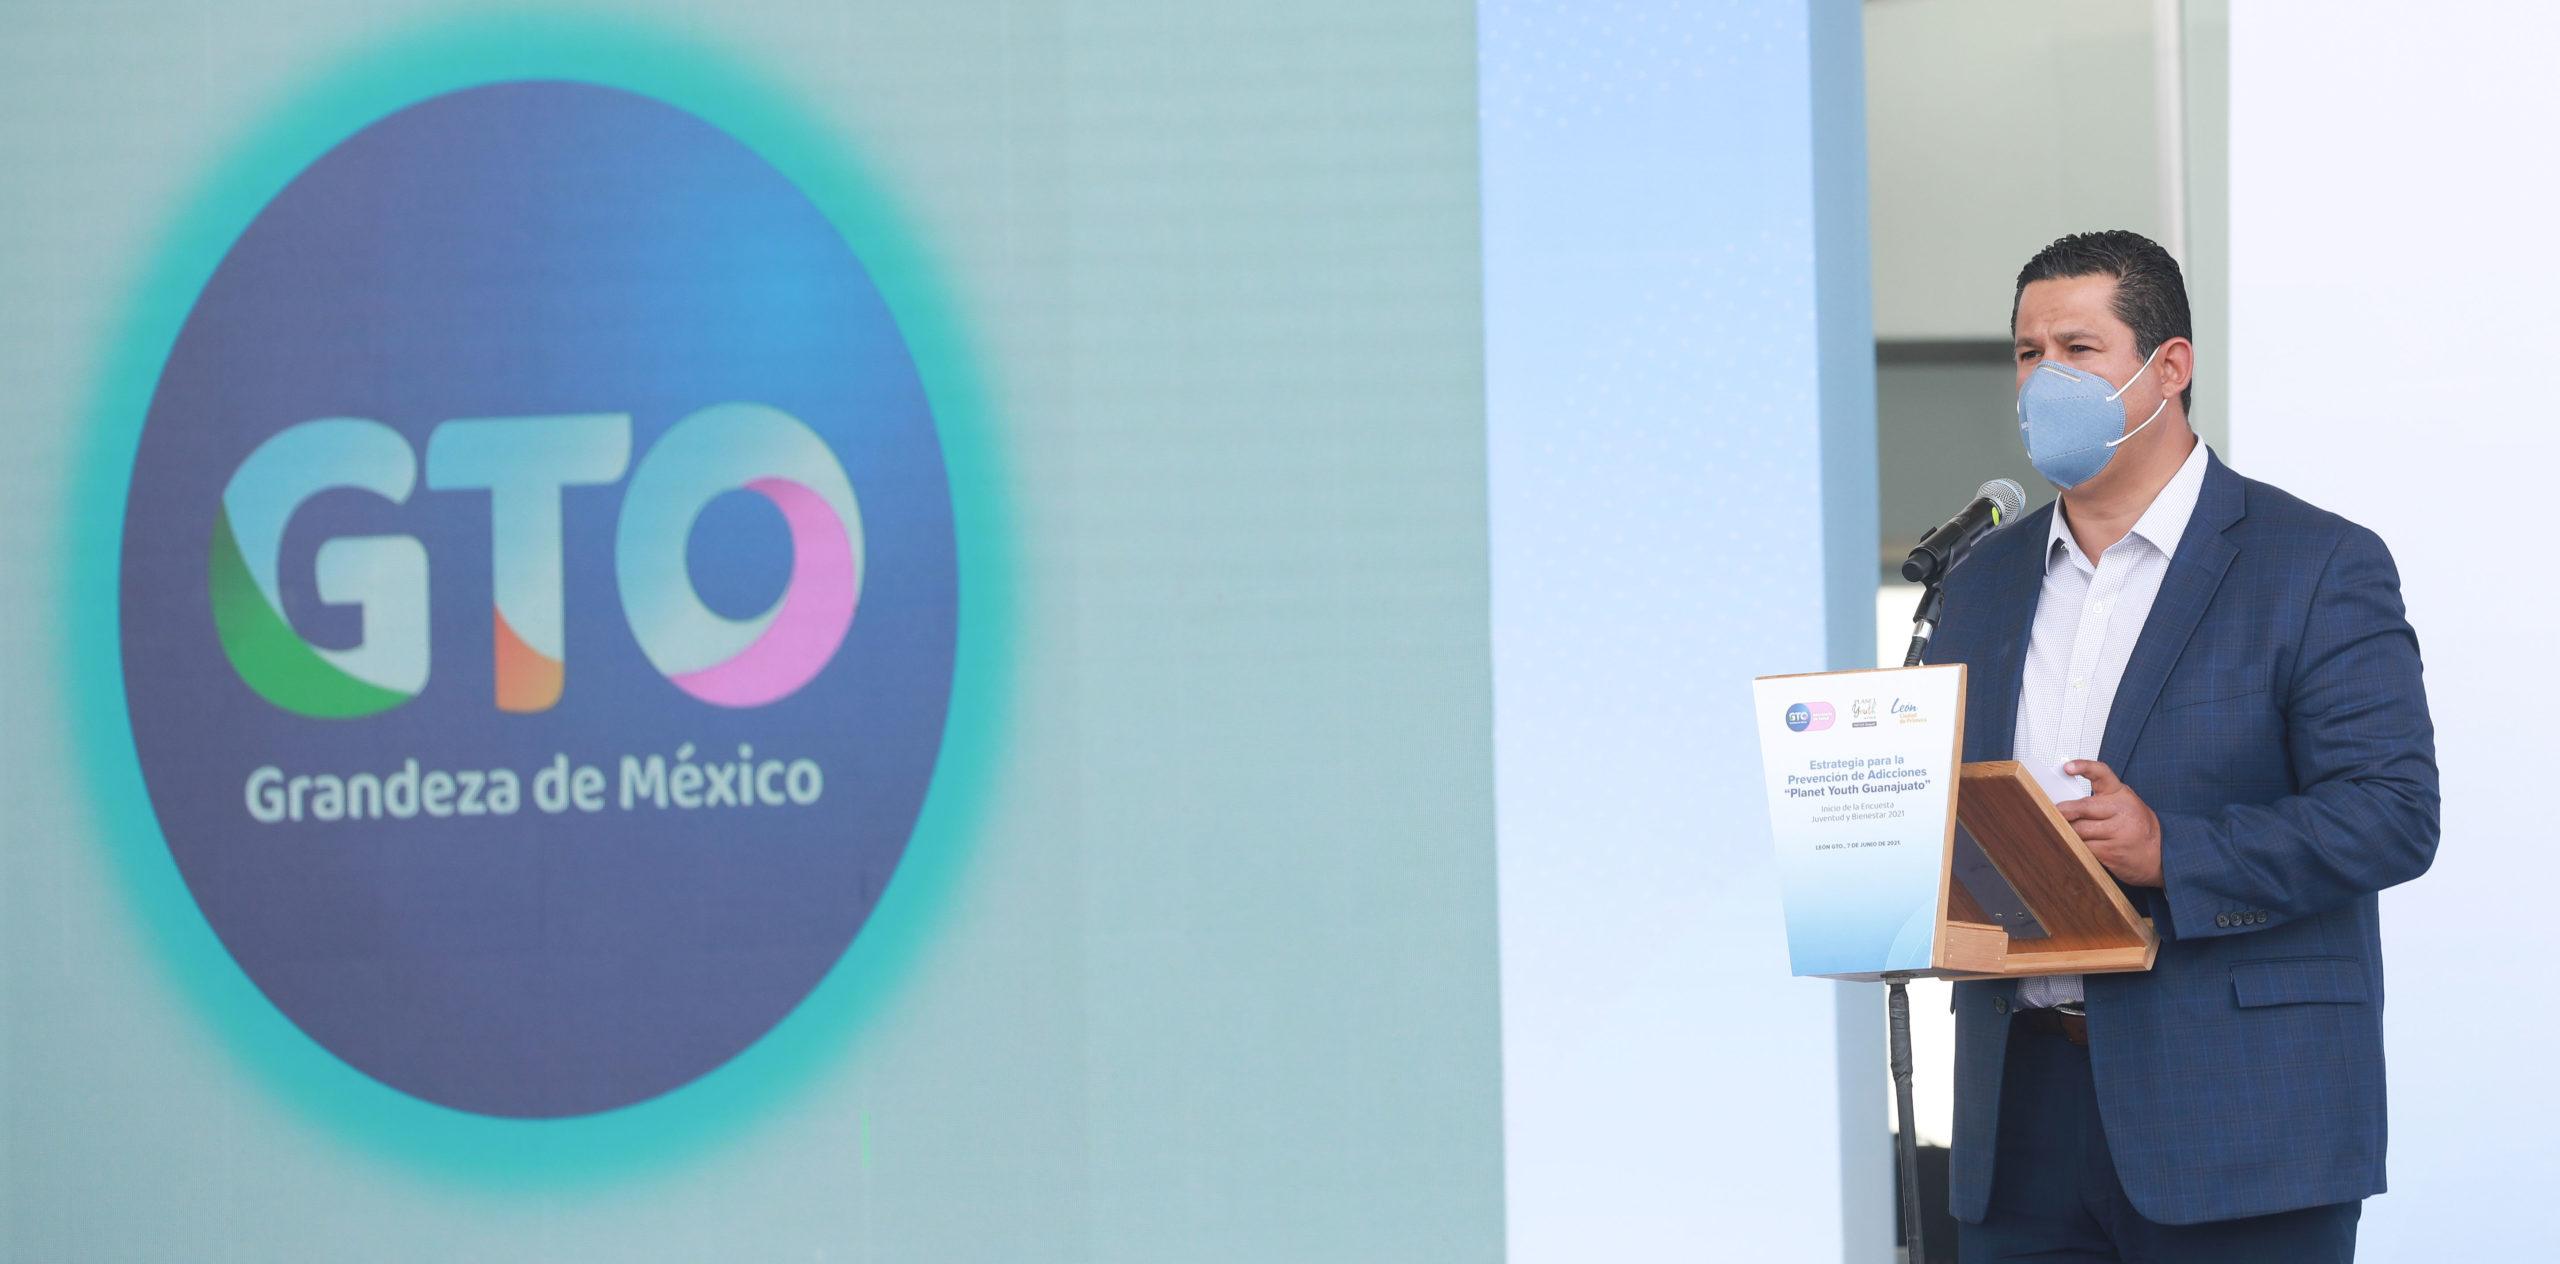 Exhorta el Gobernador de Guanajuato al compromiso social para erradicar el consumo de drogas en niños y adolescentes